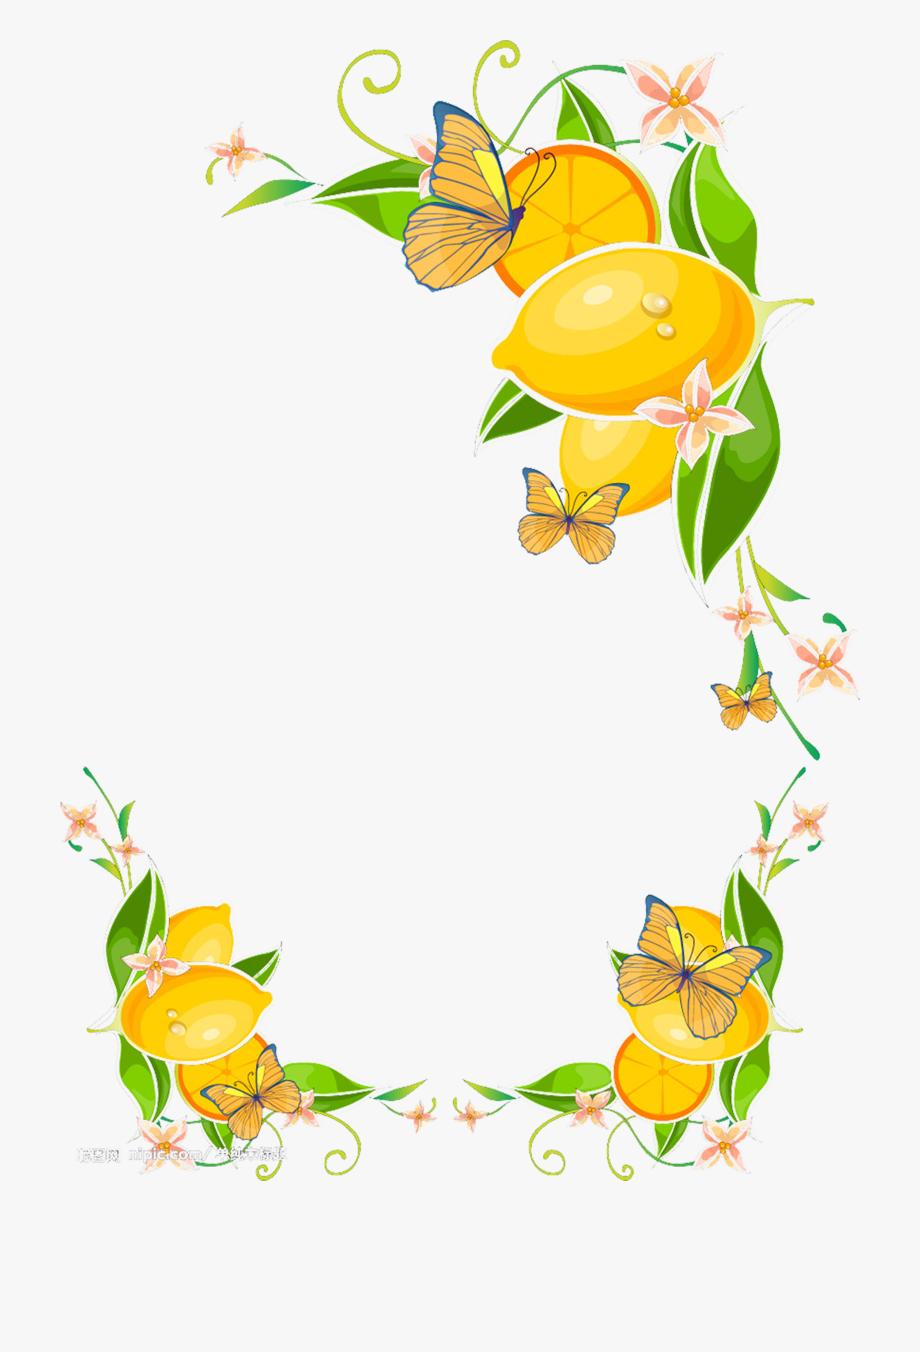 image Mango clipart border. Juice lemon clip art.